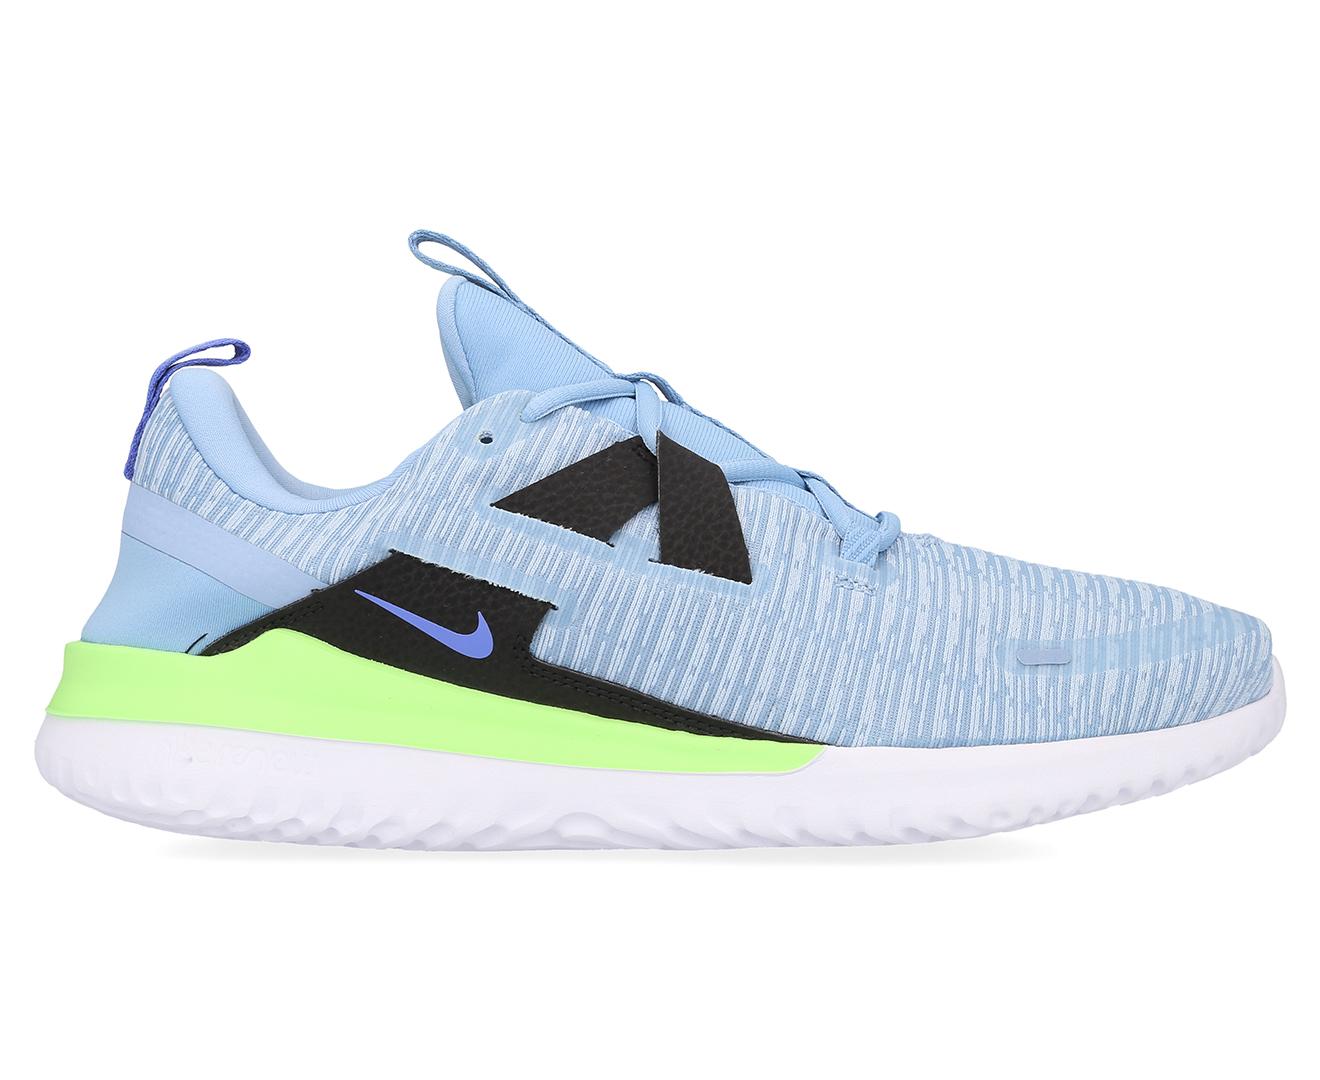 Details about Nike Men's Renew Arena Shoe Hydrogen BlueSapphire